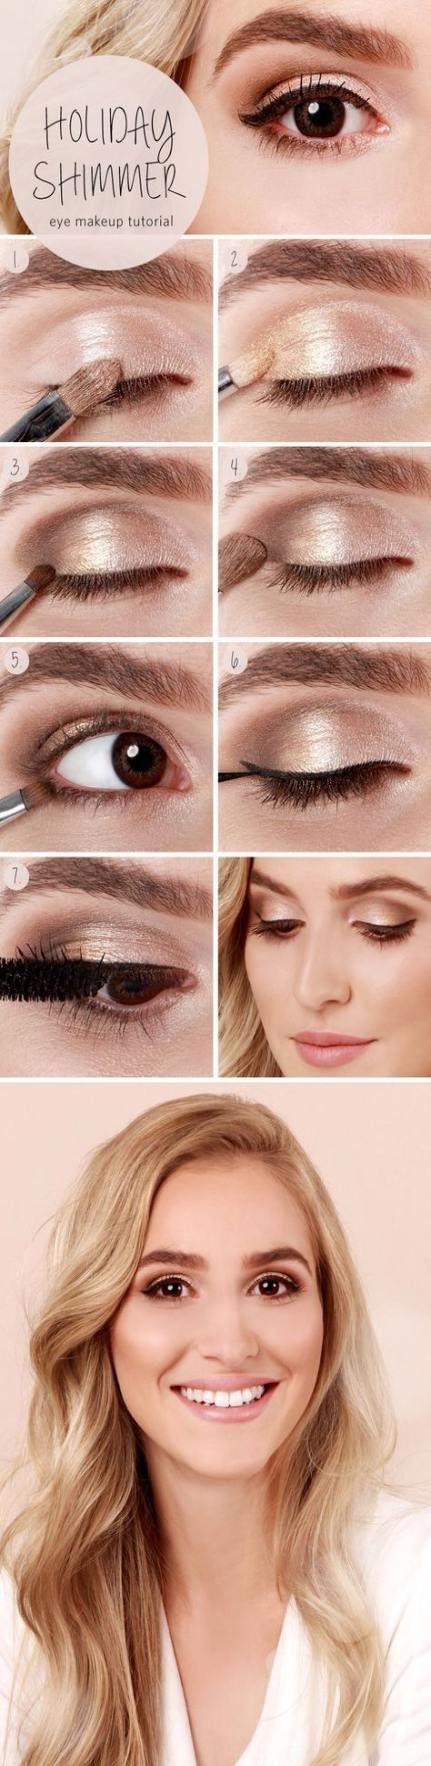 62+ Super Ideen Hochzeit Make-up rote Lippen blonde Stil –  #blonde #hochzeit #i…